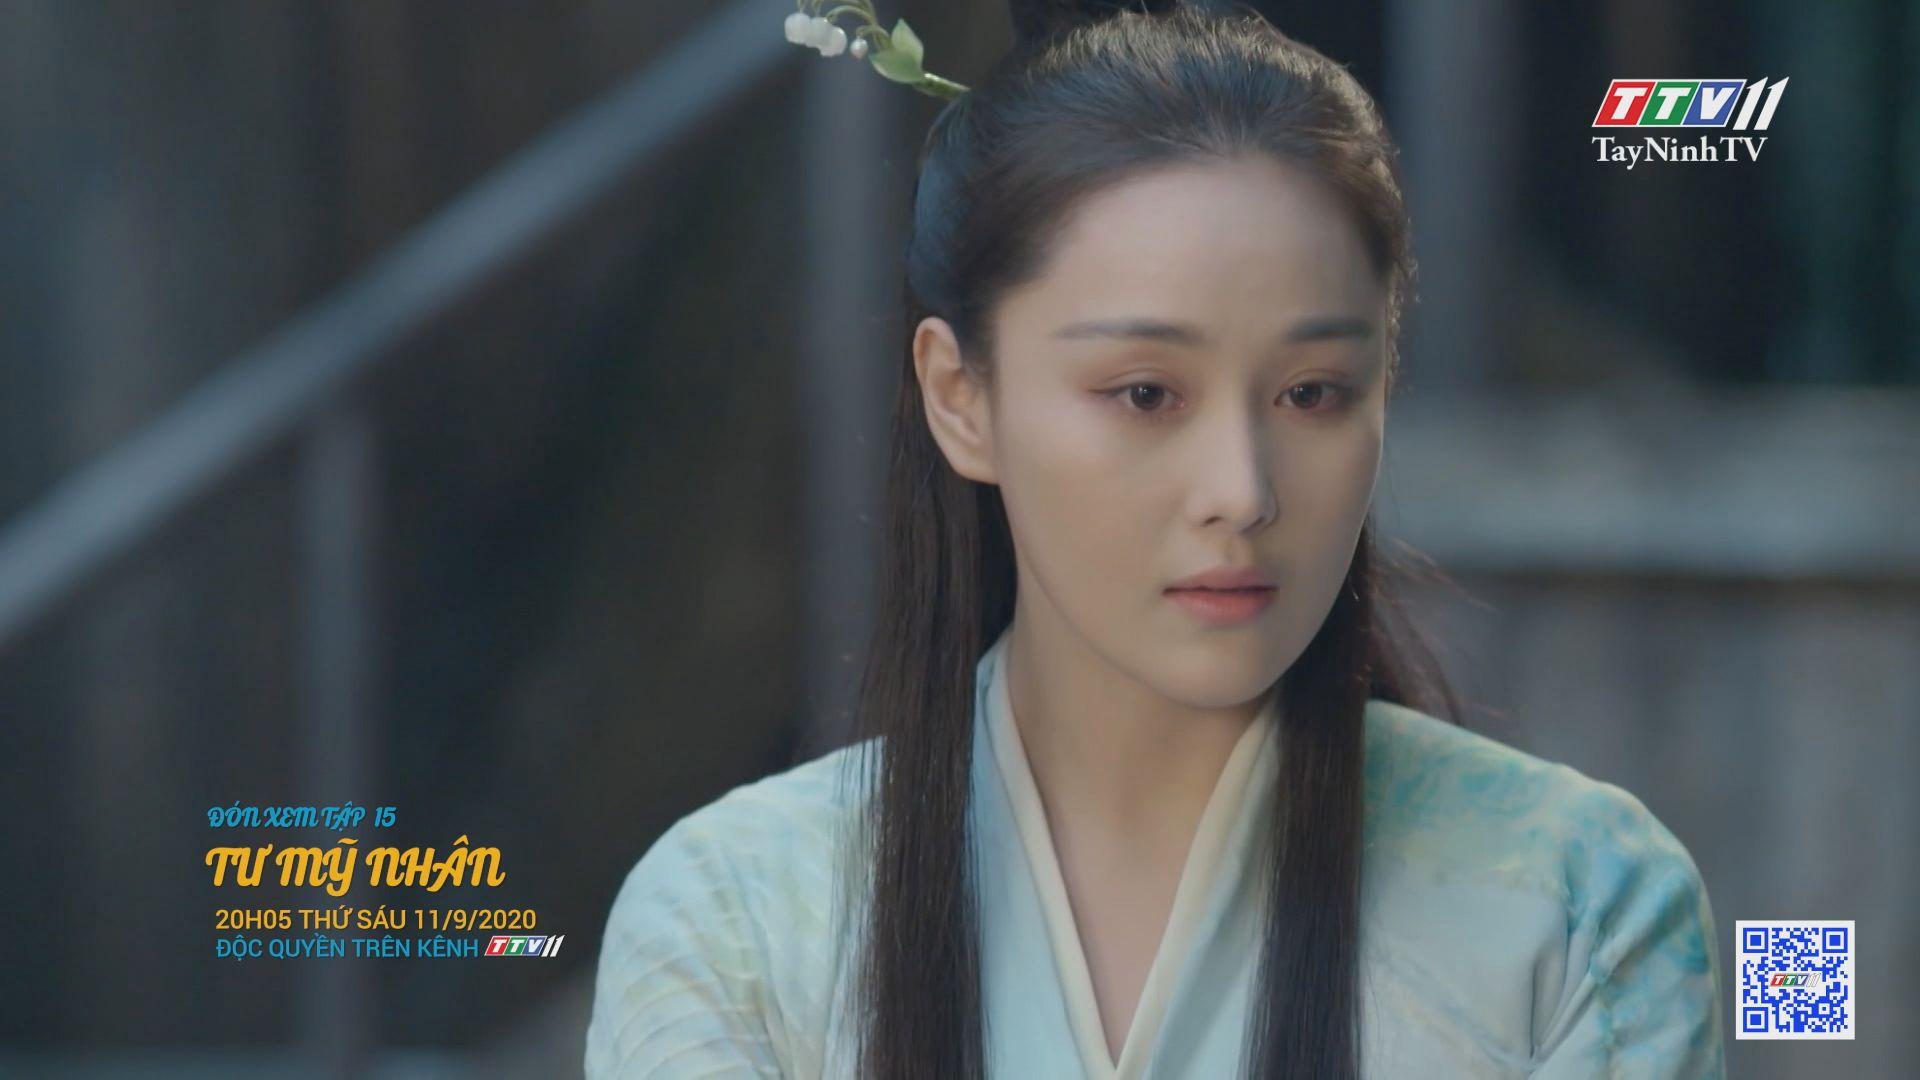 Tư mỹ nhân-TẬP 15 trailer | PHIM TƯ MỸ NHÂN | TayNinhTV